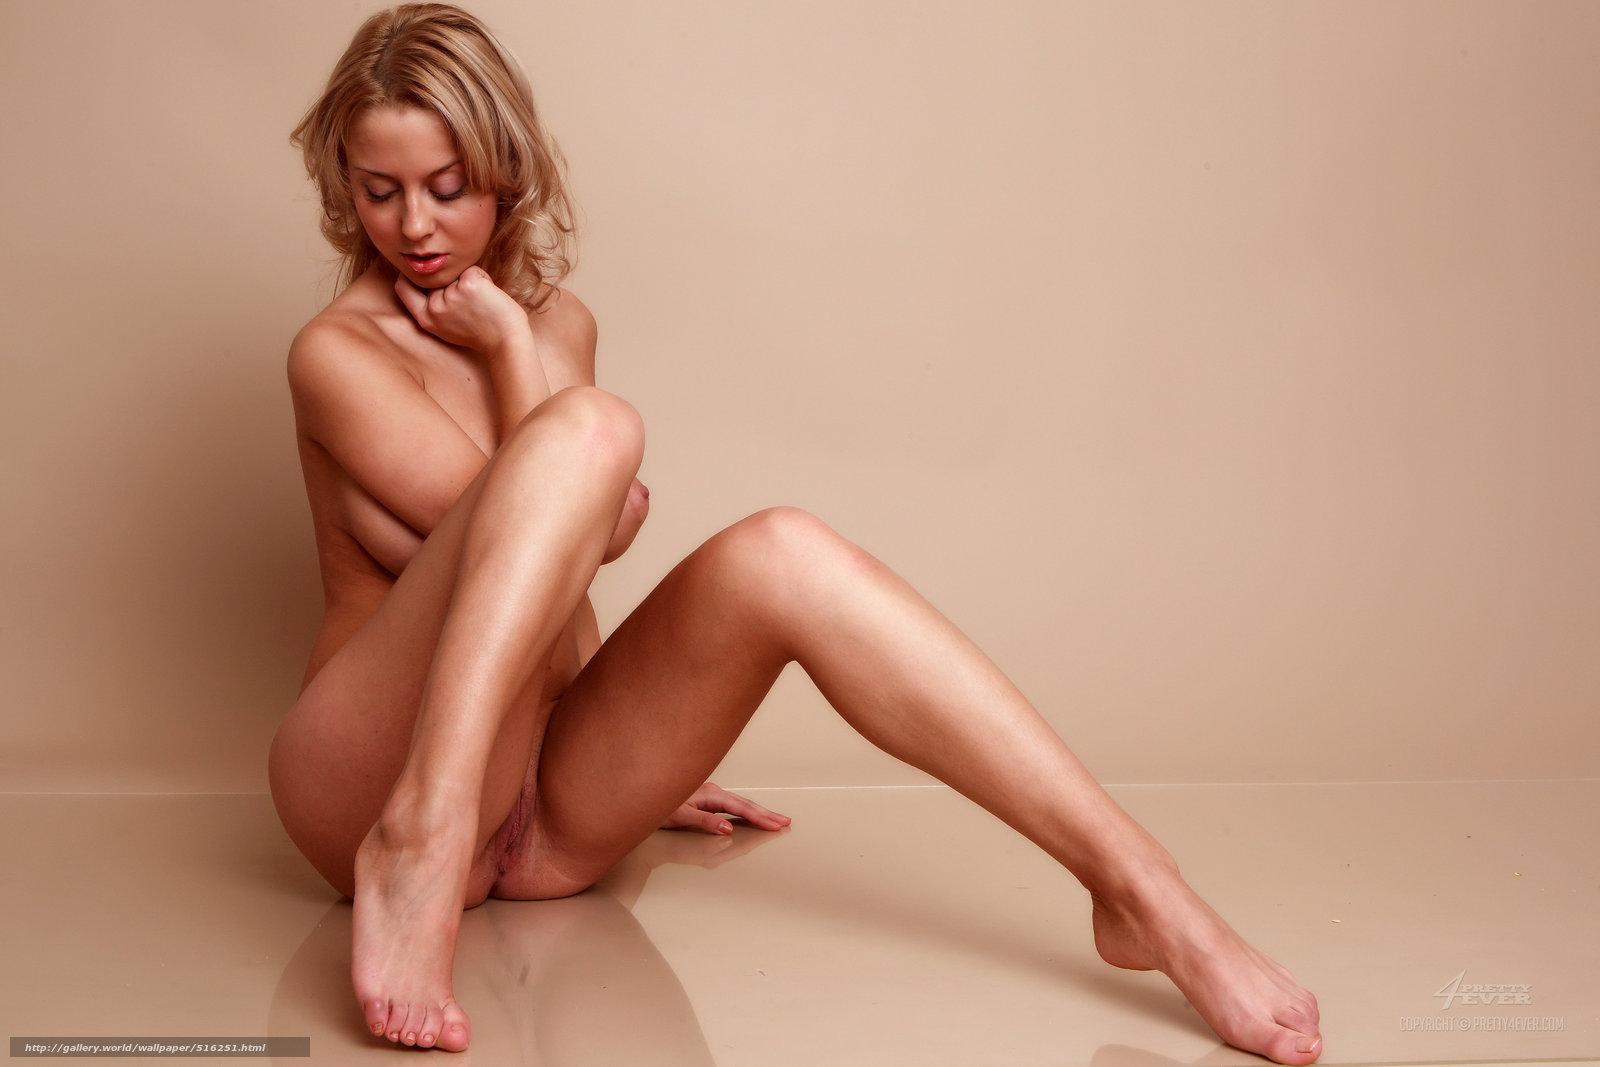 Эротическое фото мэнди дее в юбки 8 фотография